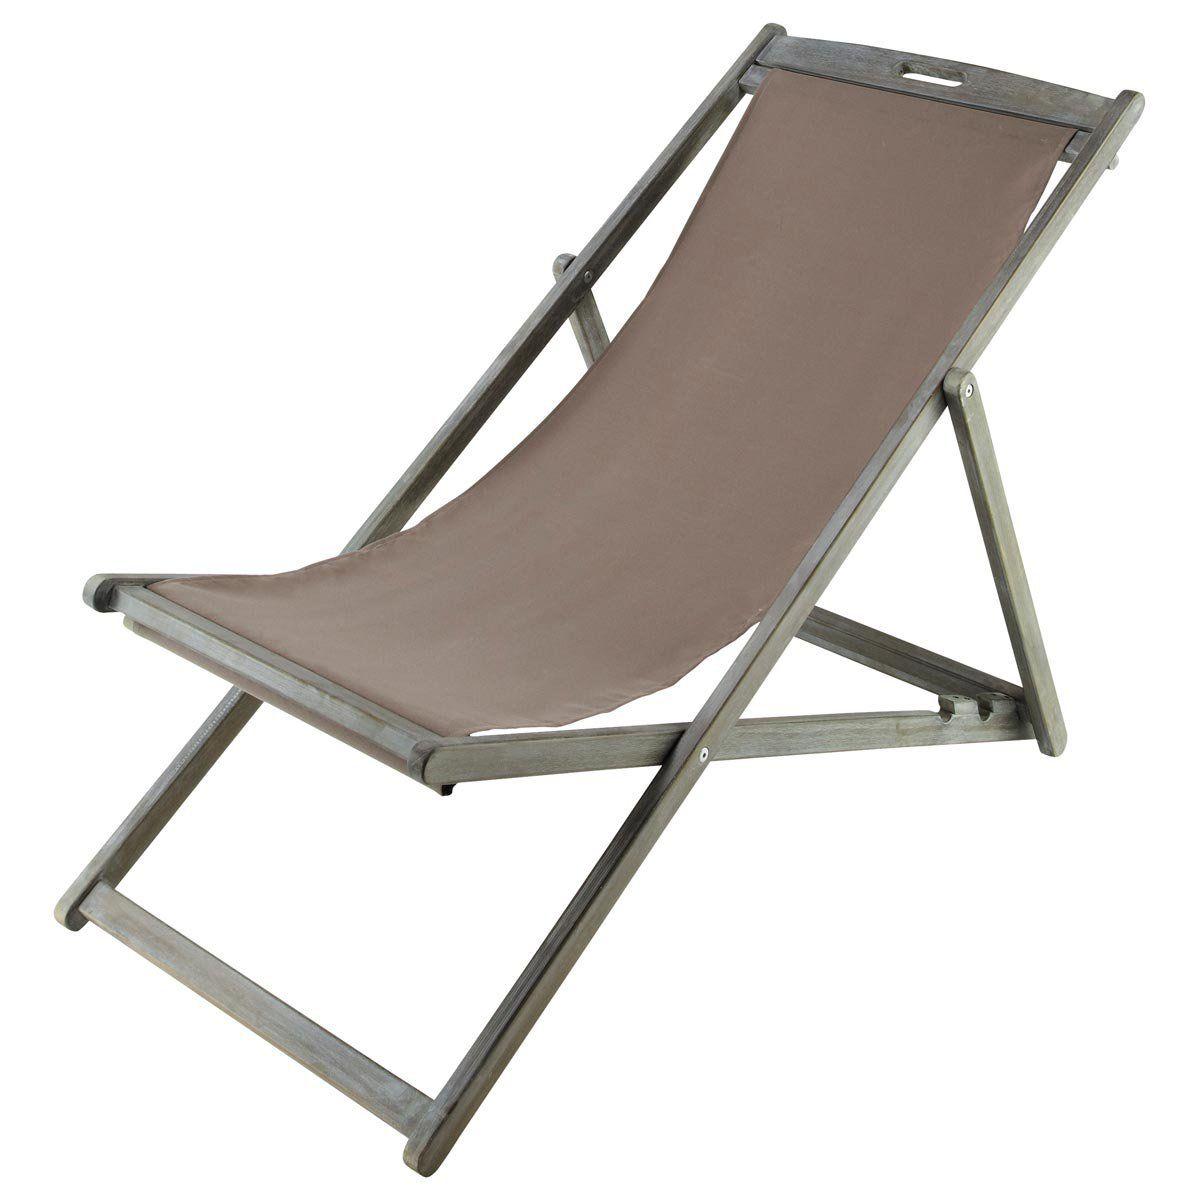 Chaise longue / chilienne pliable taupe PANAMA | Pli